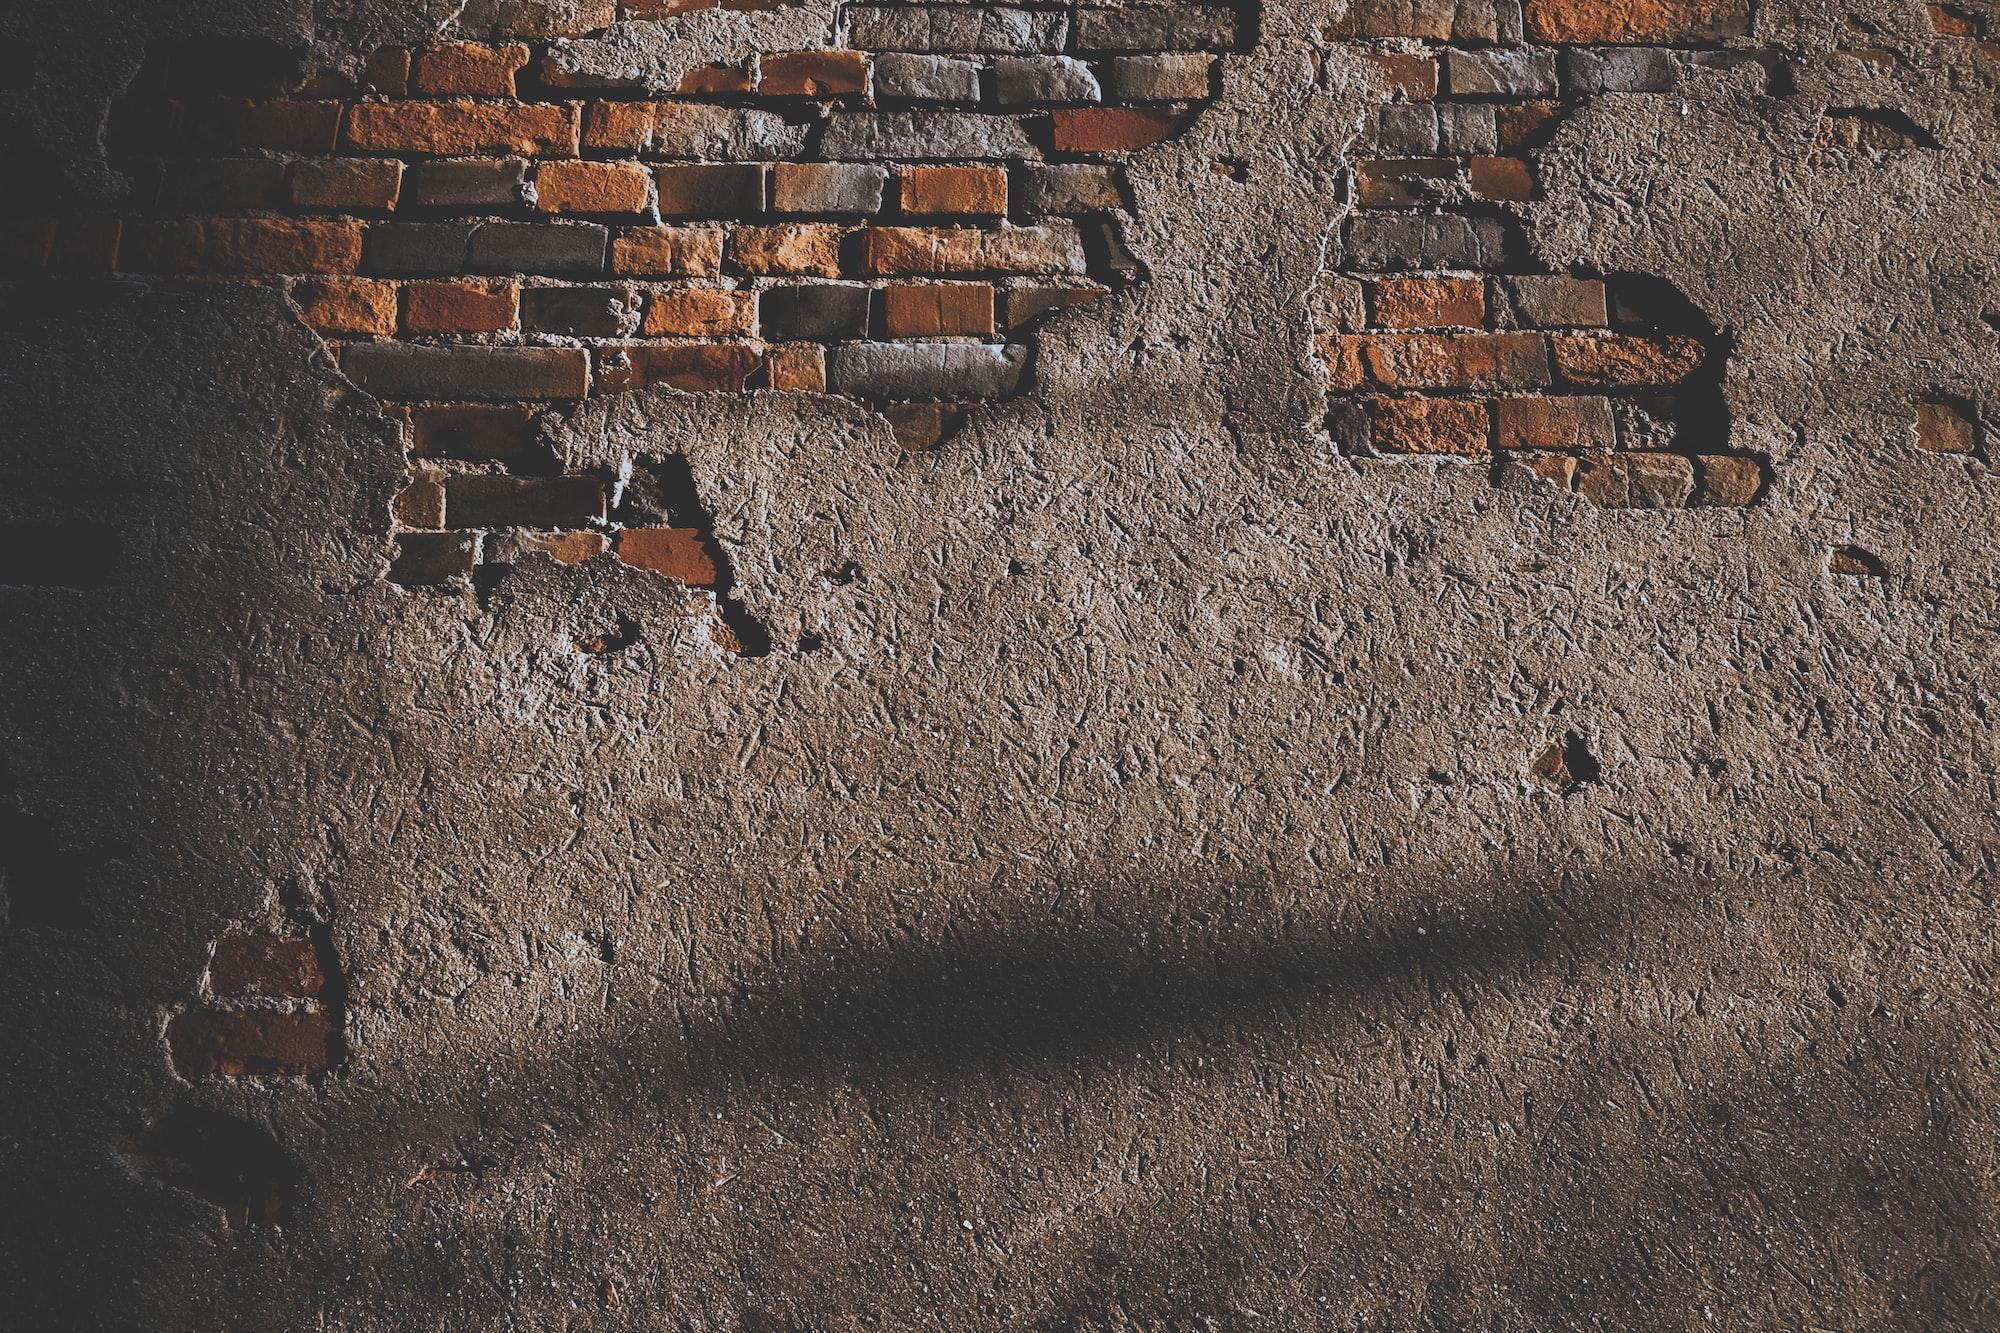 İç Duvar Bulmaca Anlamı Nedir?